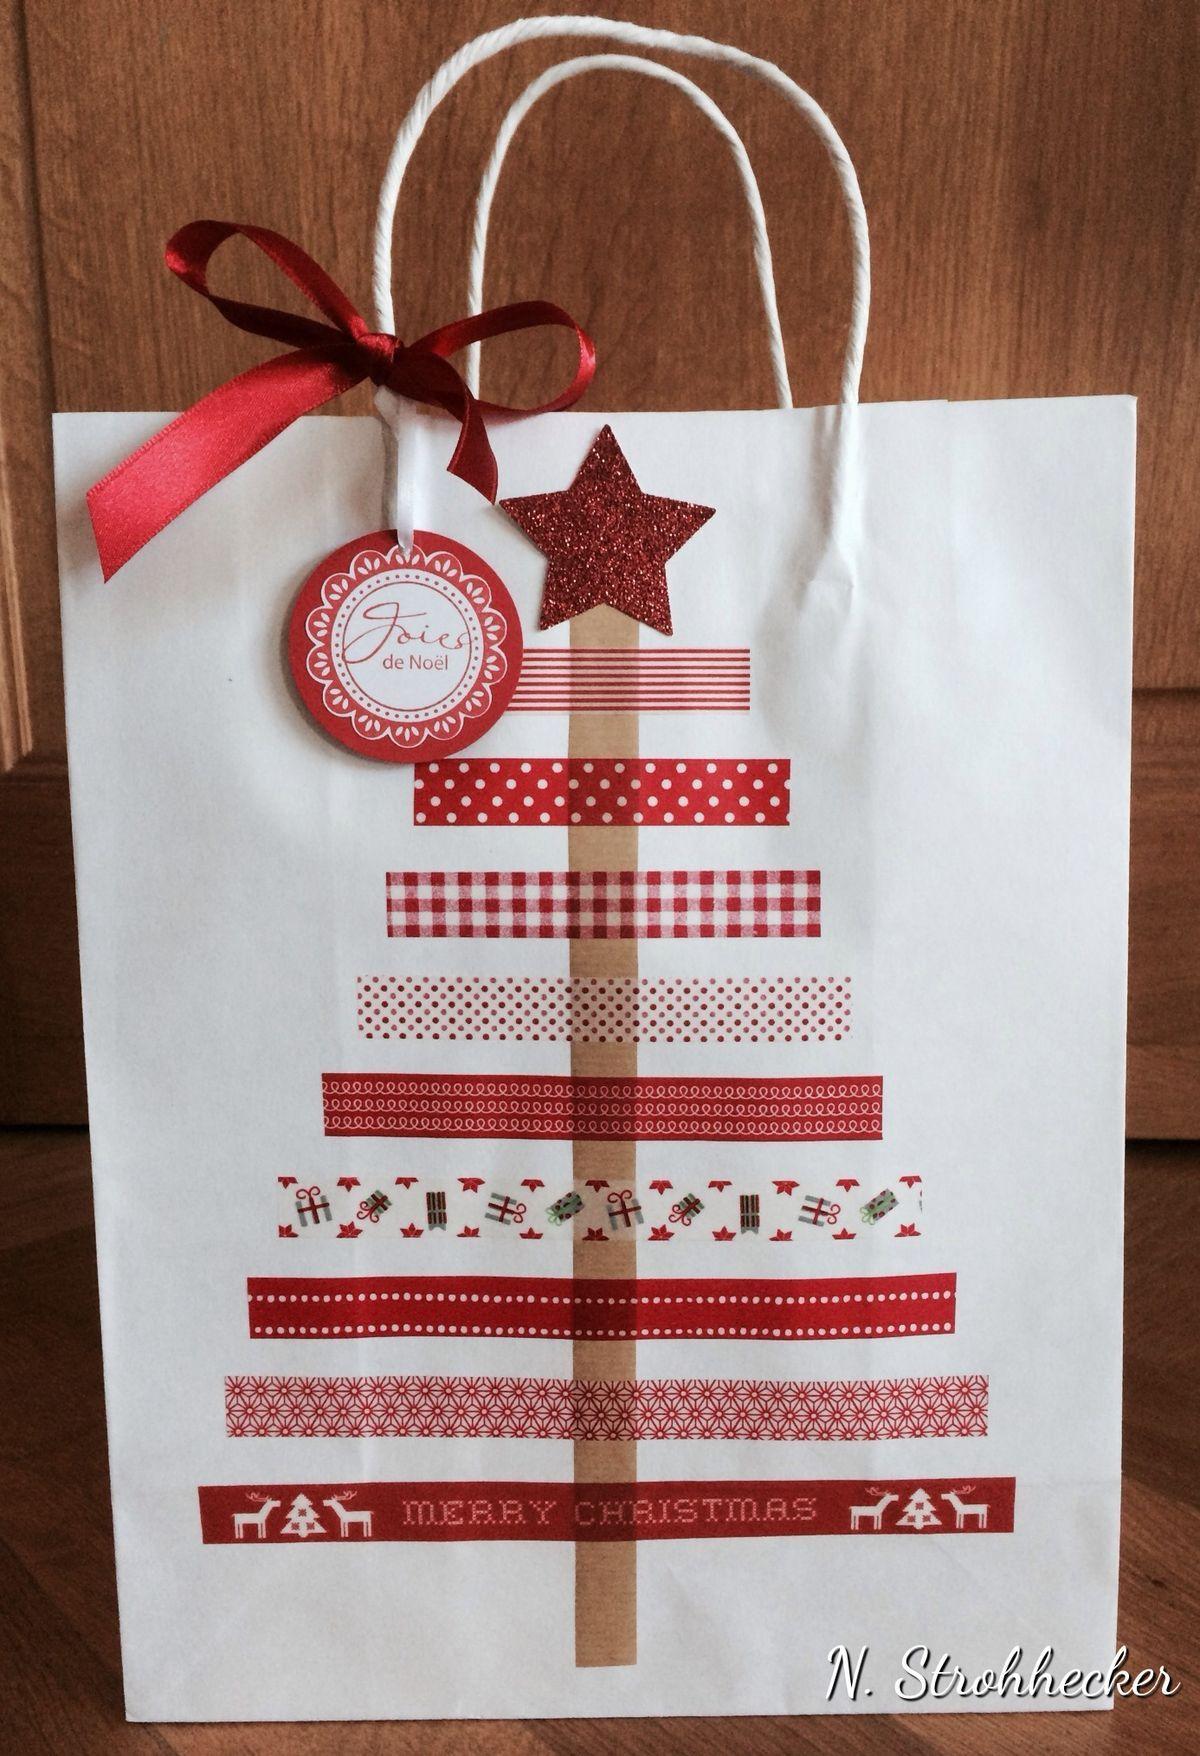 21 fogli,50 * 70 cm Geschenkpapier,Buntes Geschenkpapier,Carta da regalo regalo cartone animato , Confezione regalo di Natale , Babbo Natale,albero di Natale,regali,farfalle,unicorni e altri stili